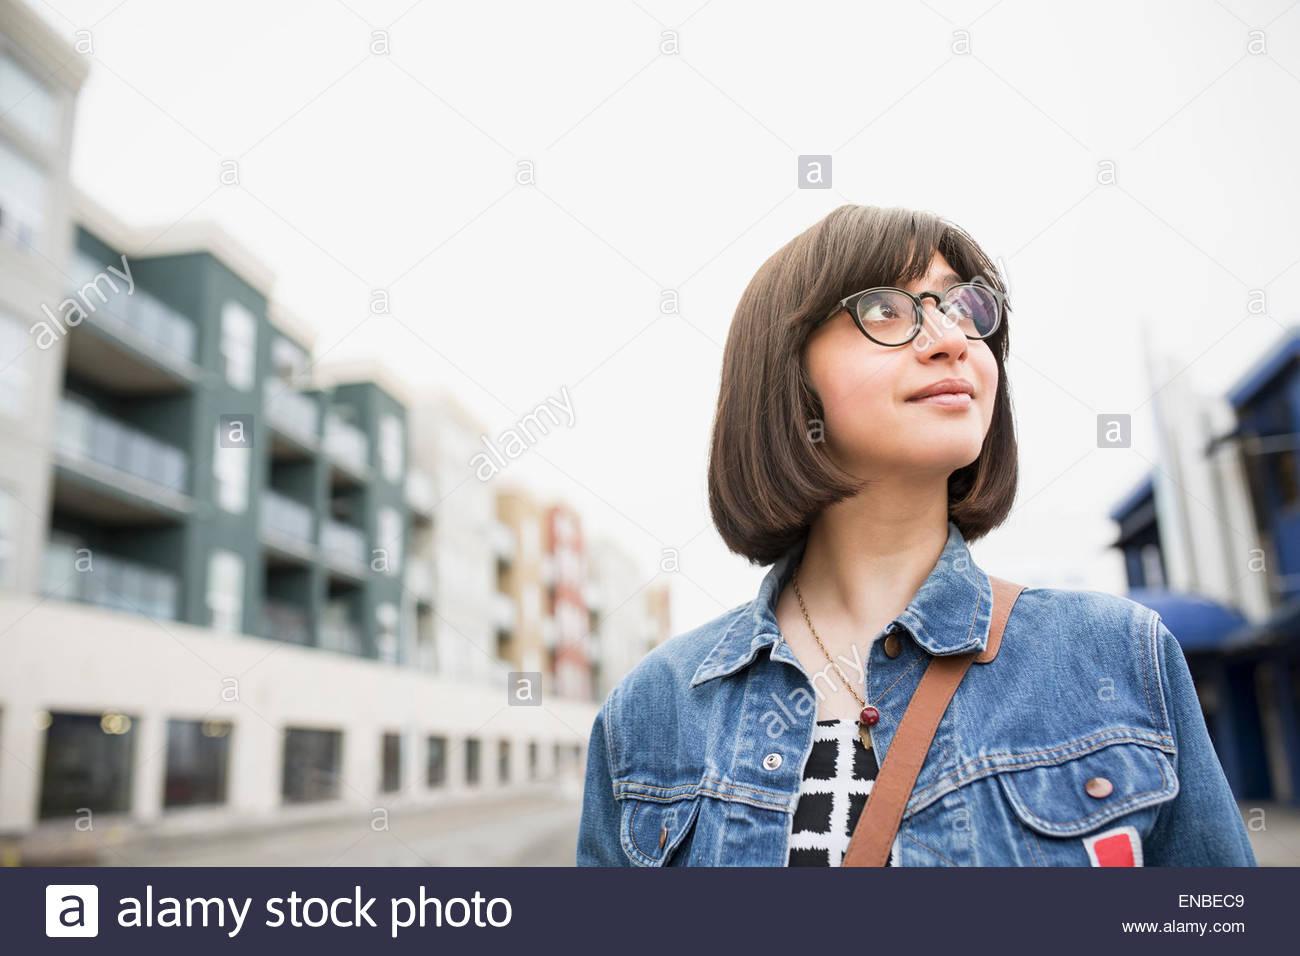 Frau in Jeansjacke auf städtischen Straße Stockbild